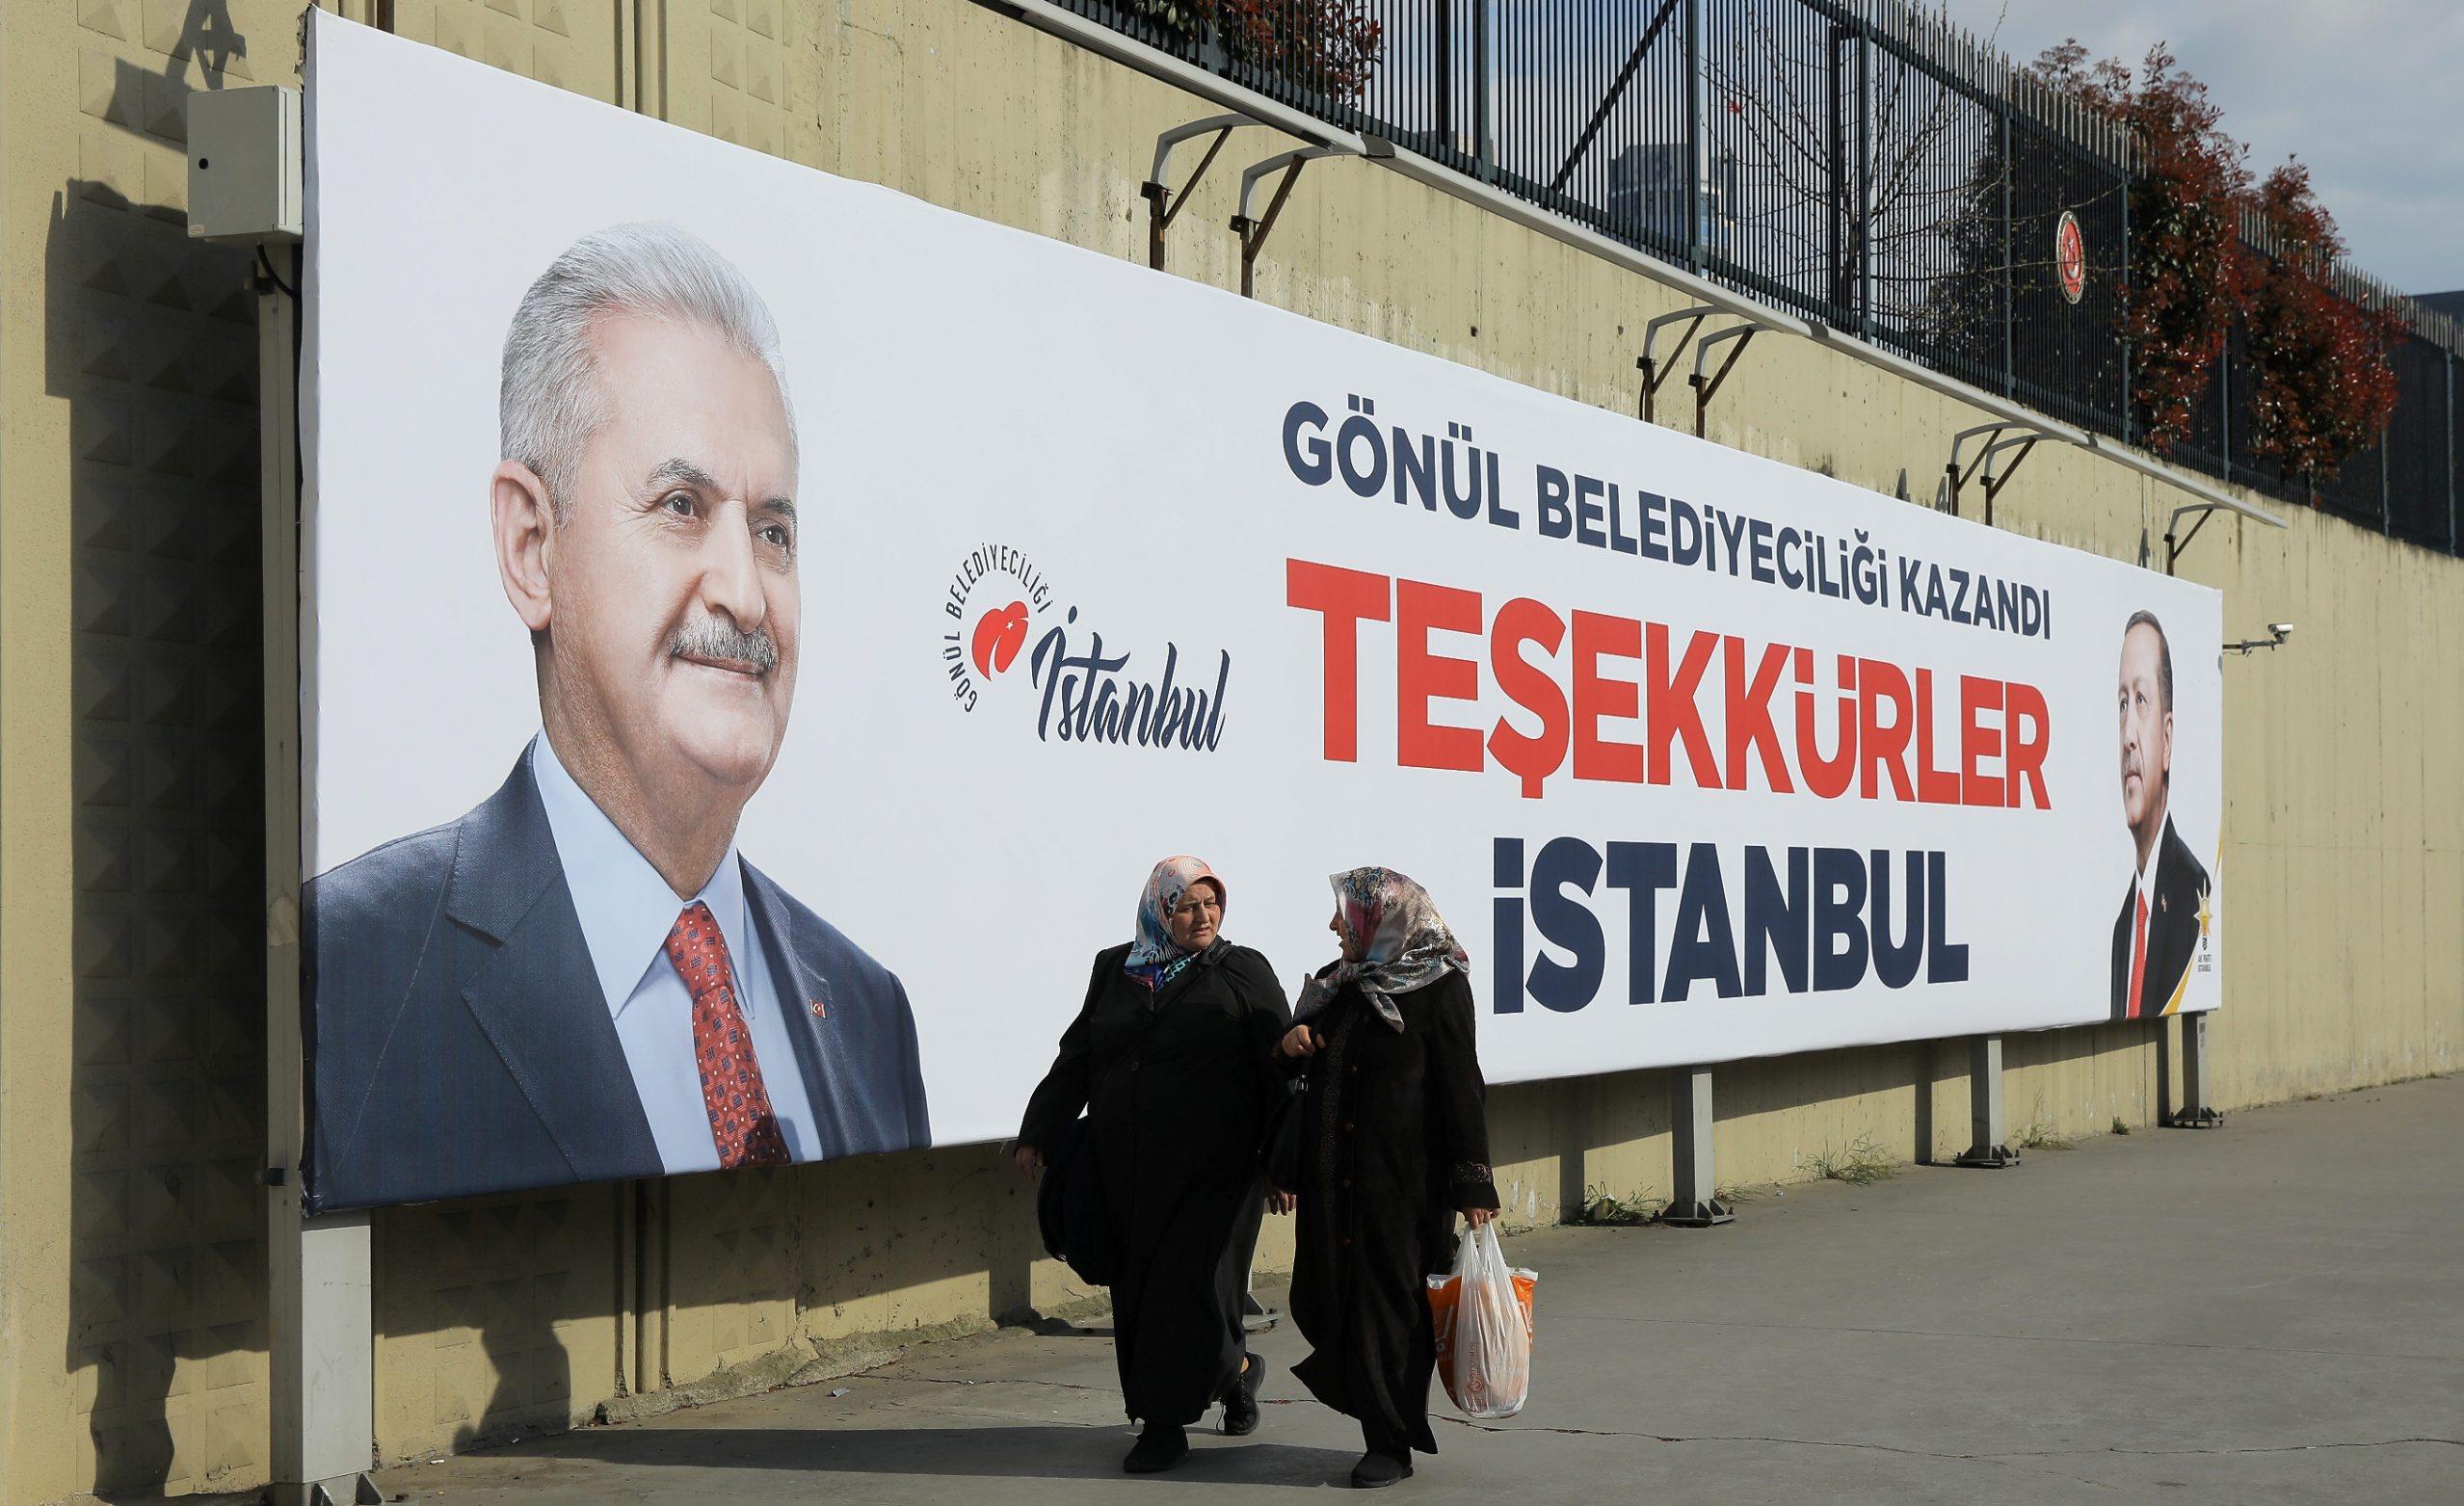 2019-04-01T151821Z_1701017553_RC1E4DE56D00_RTRMADP_3_TURKEY-ELECTION-ISTANBUL